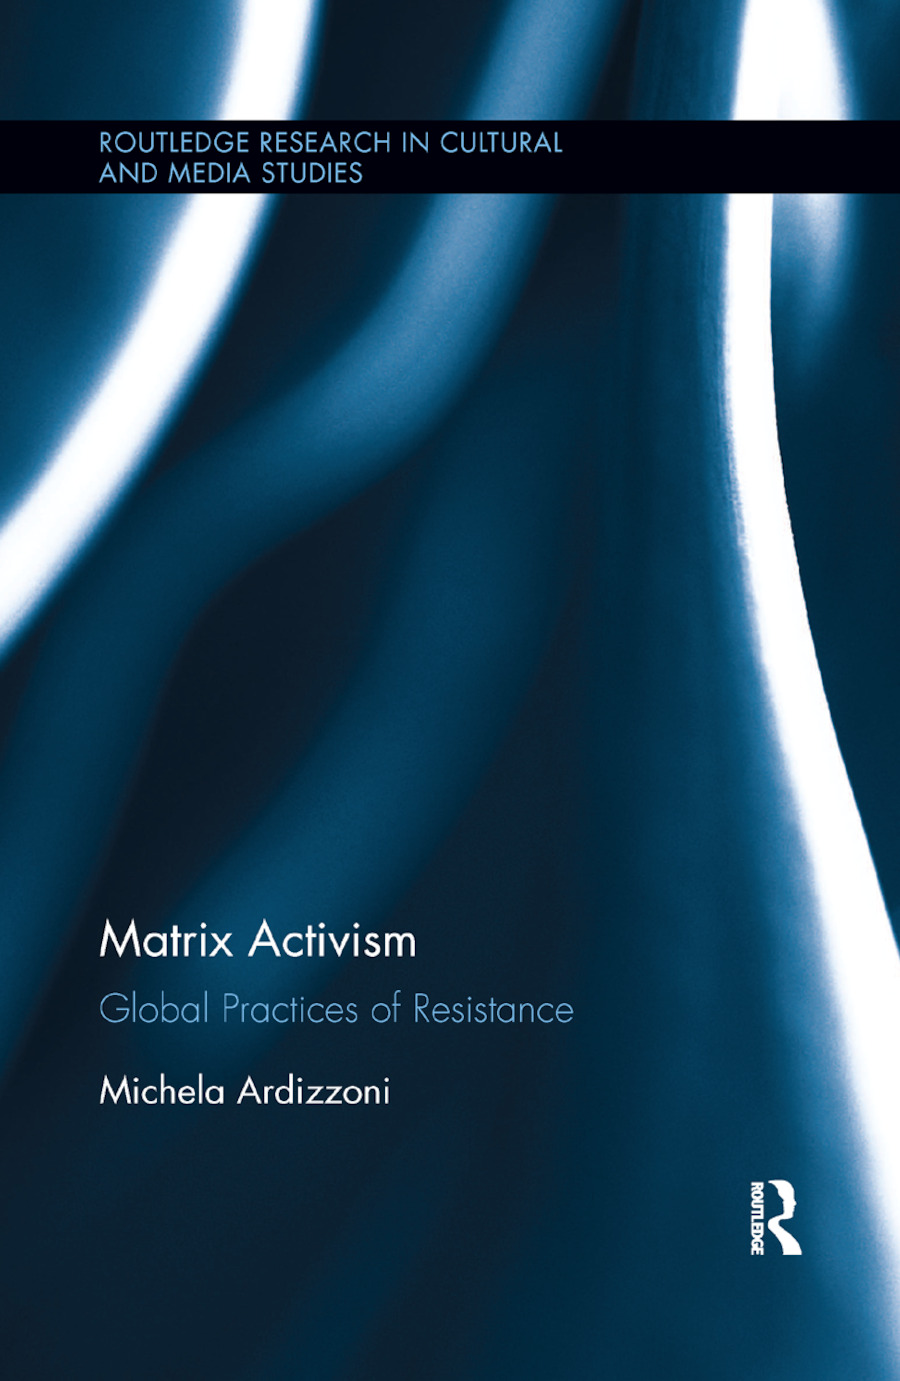 Matrix Activism